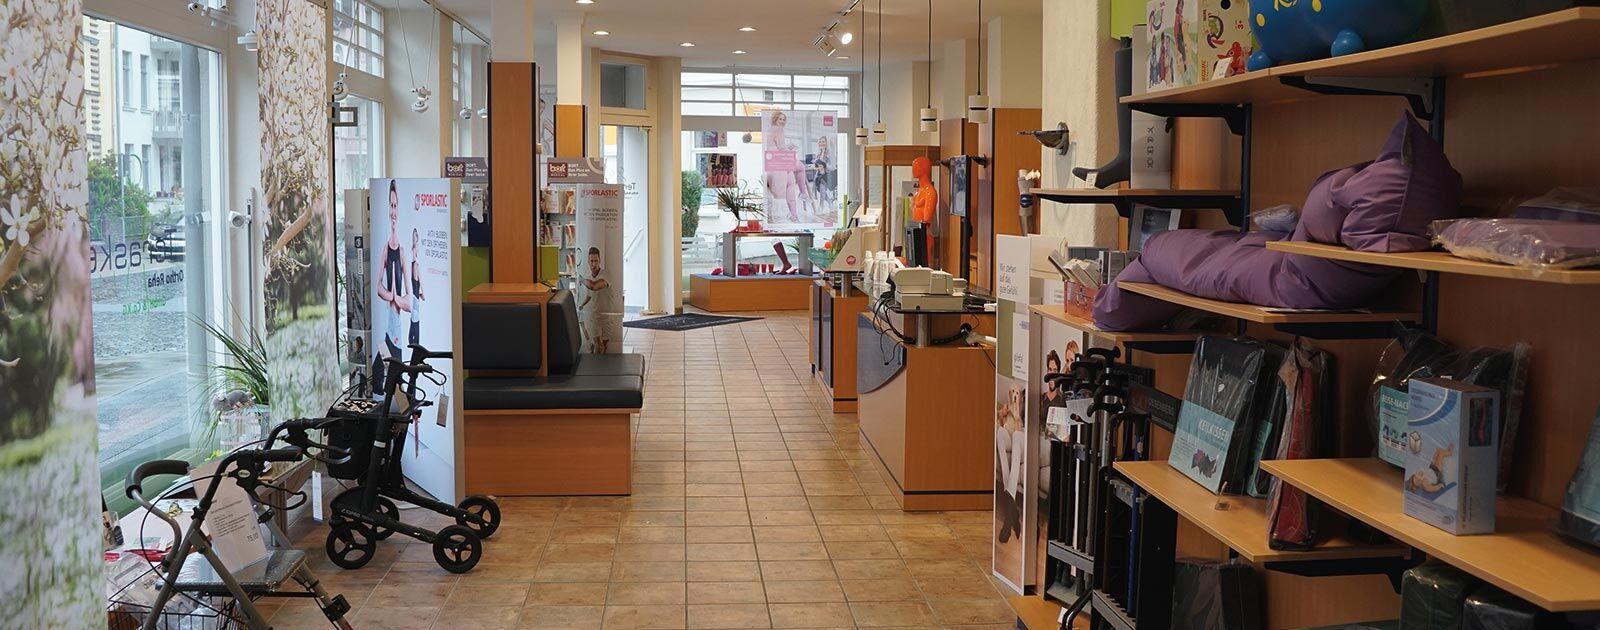 Teraske Sanitätshaus Filiale in Hannover Döhren